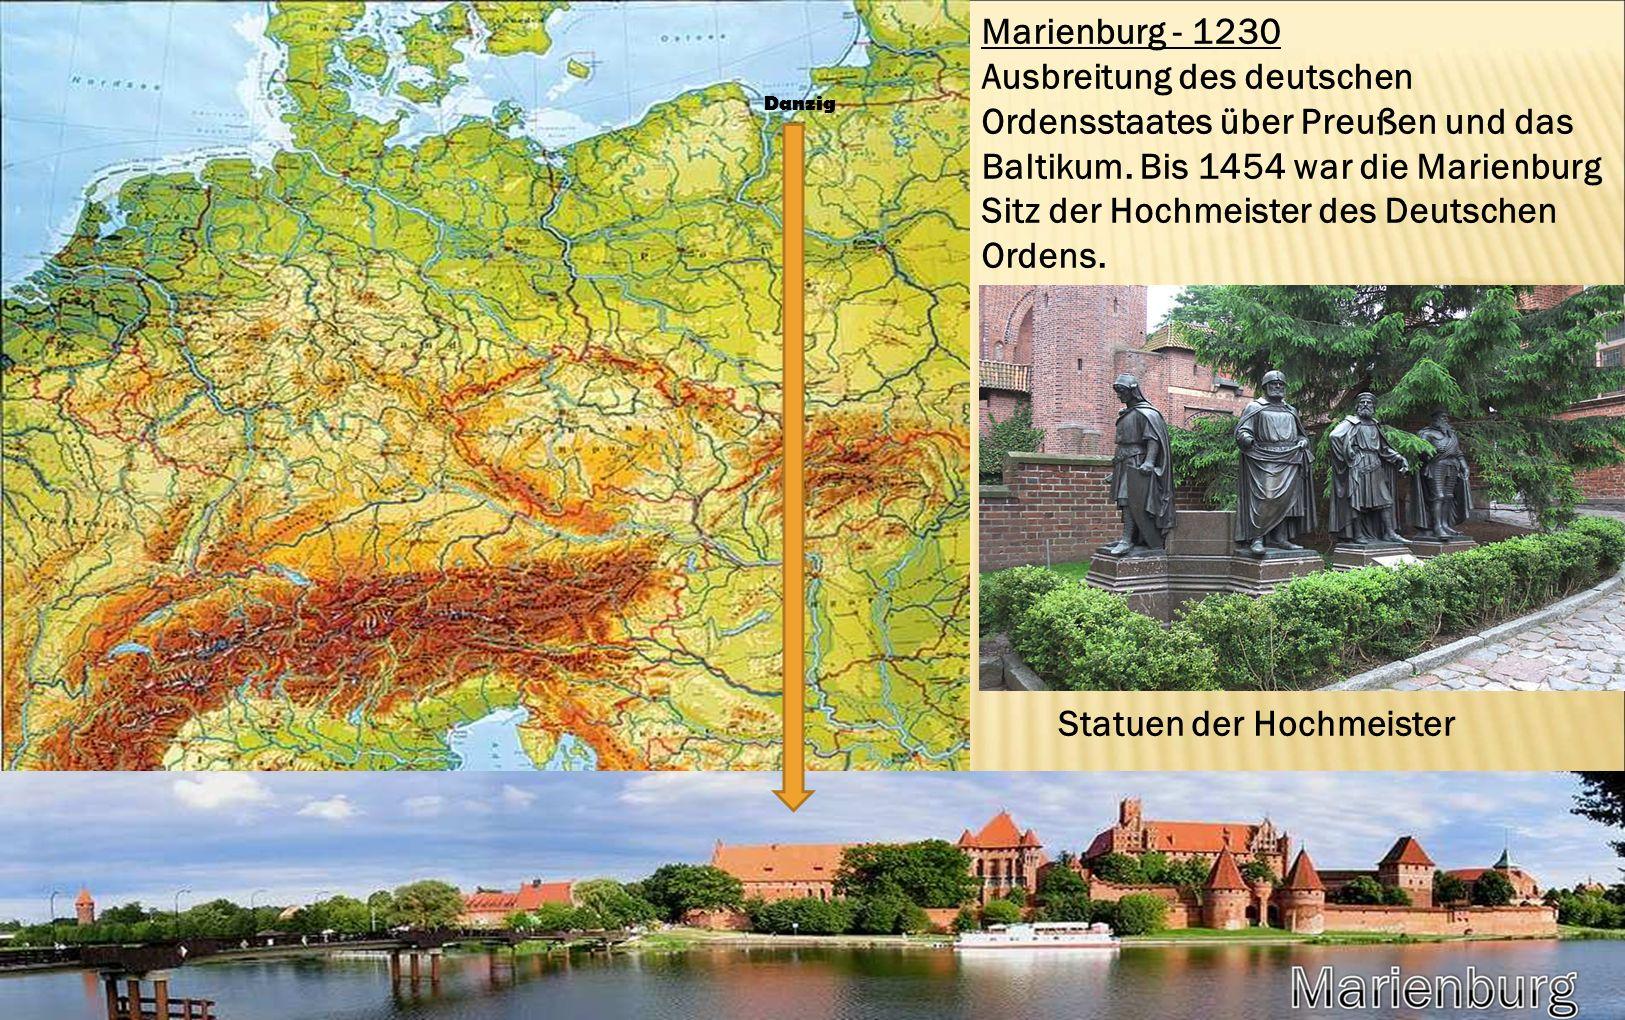 Marienburg - 1230 Ausbreitung des deutschen Ordensstaates über Preußen und das Baltikum. Bis 1454 war die Marienburg Sitz der Hochmeister des Deutsche